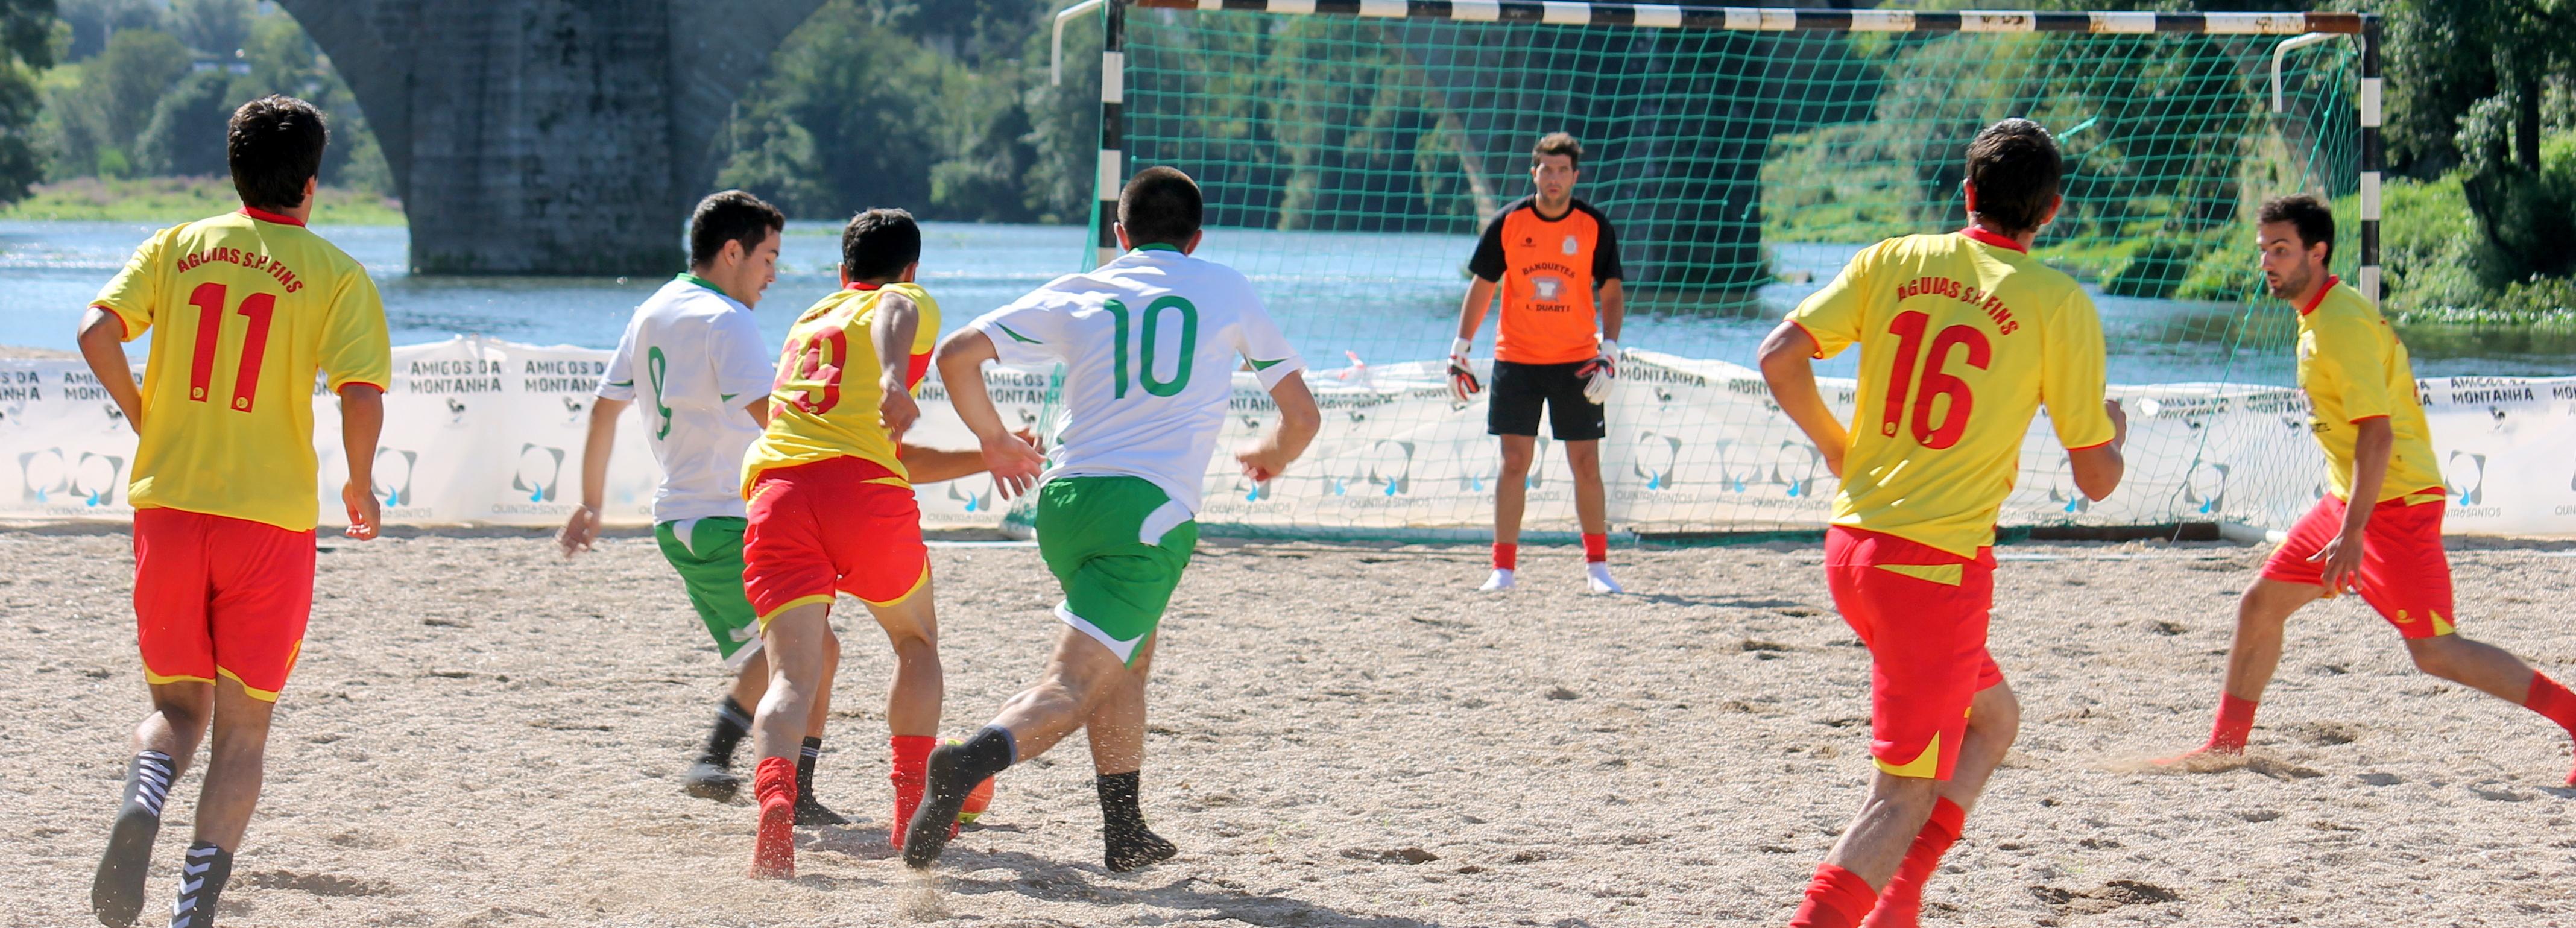 Futebol e atividades no rio dinamizam frente ribeirinha e areal